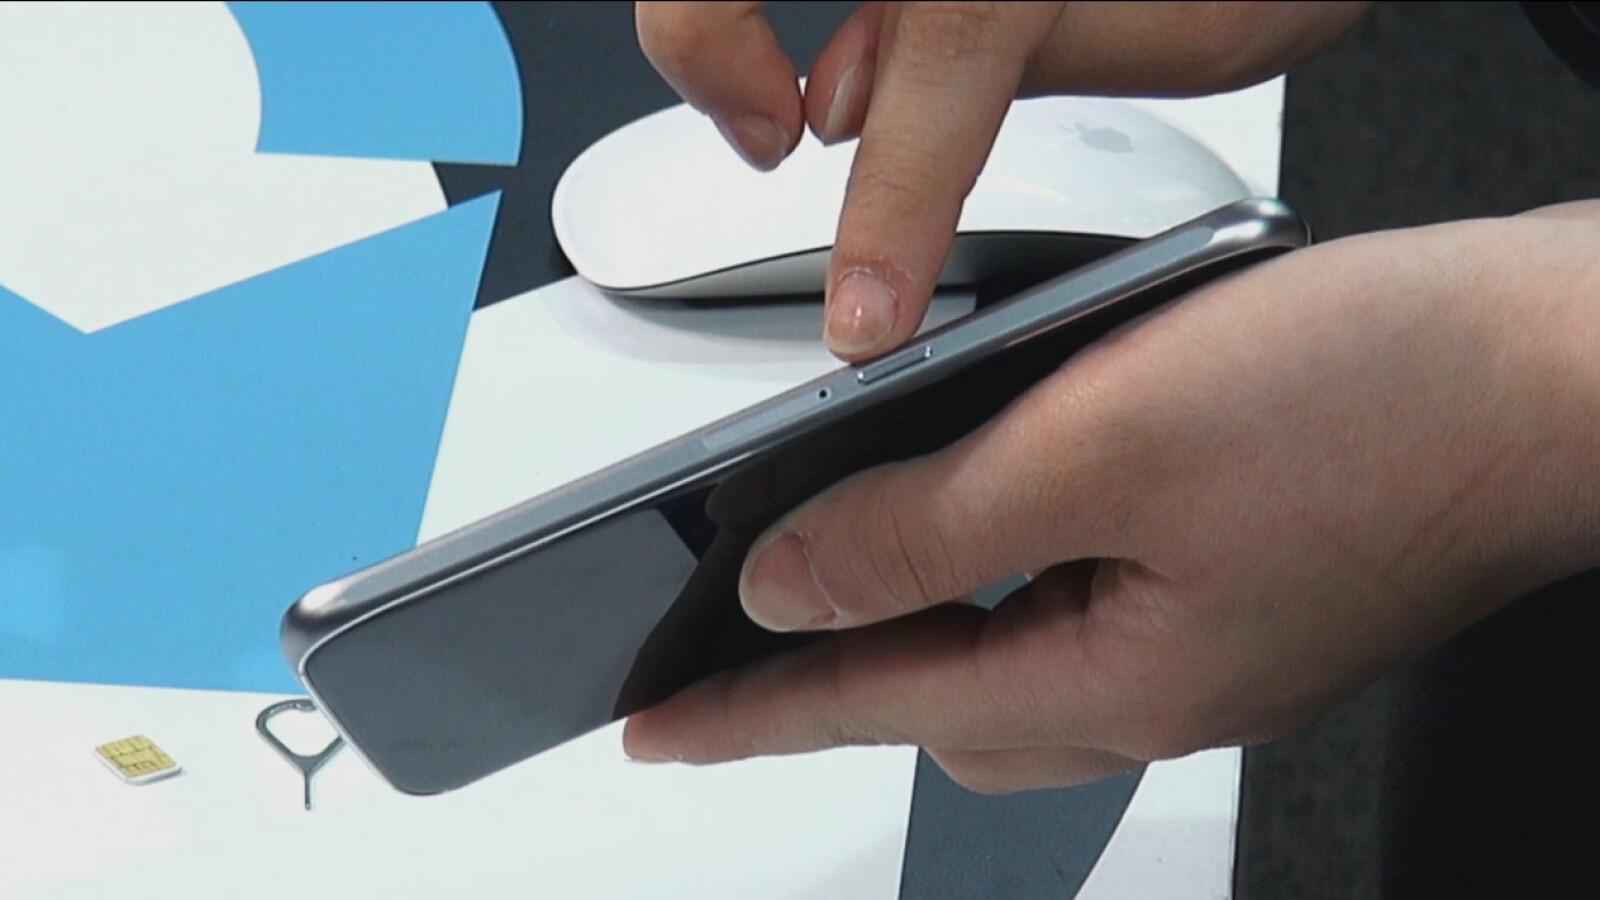 Samsung A5 Sd Karte Einlegen.So Geht S Samsung Galaxy S6 Nano Sim Karte Einlegen